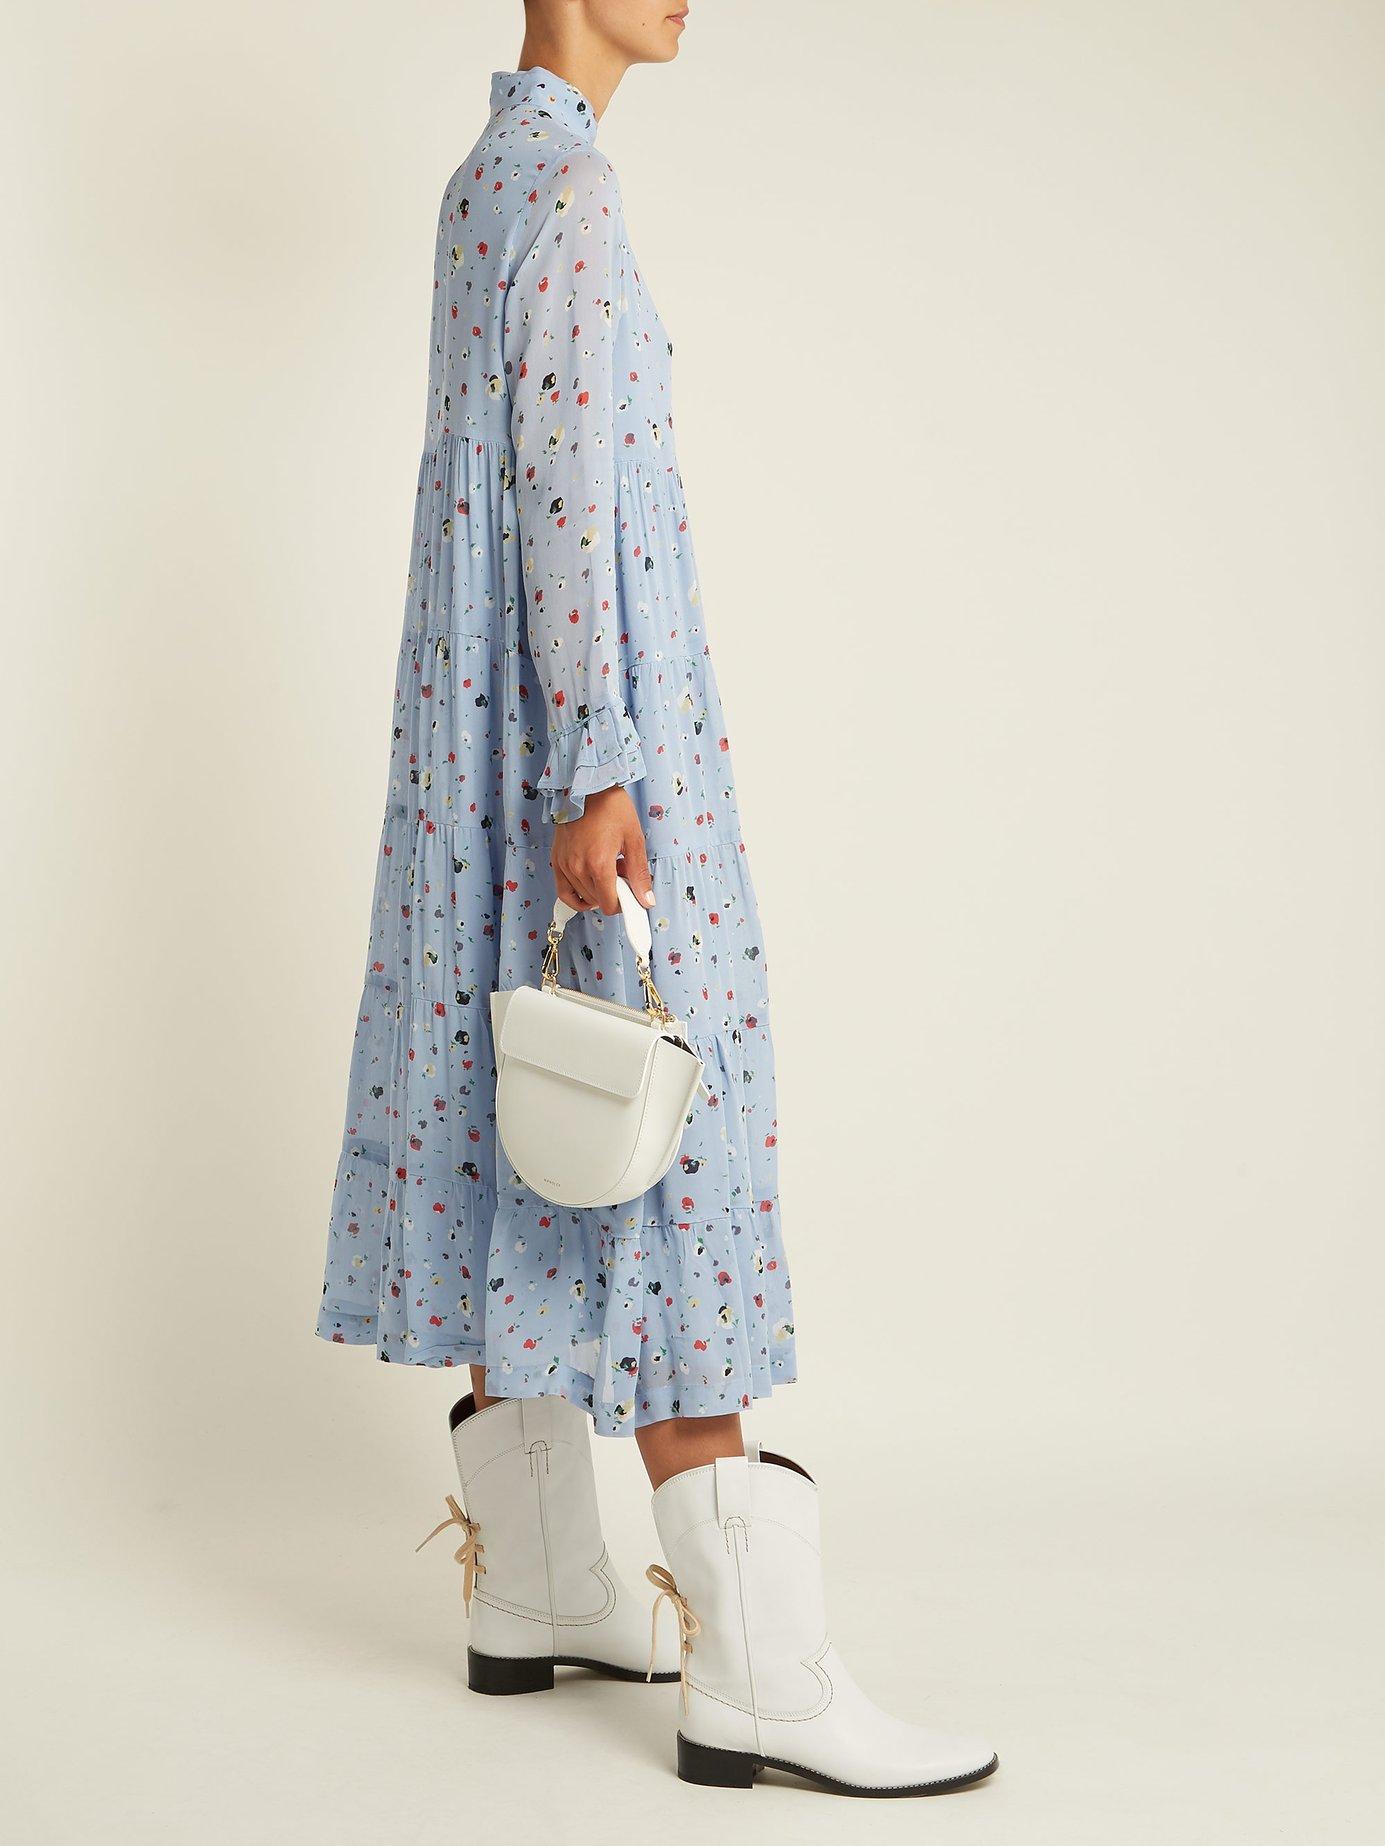 Dainty georgette dress by Ganni